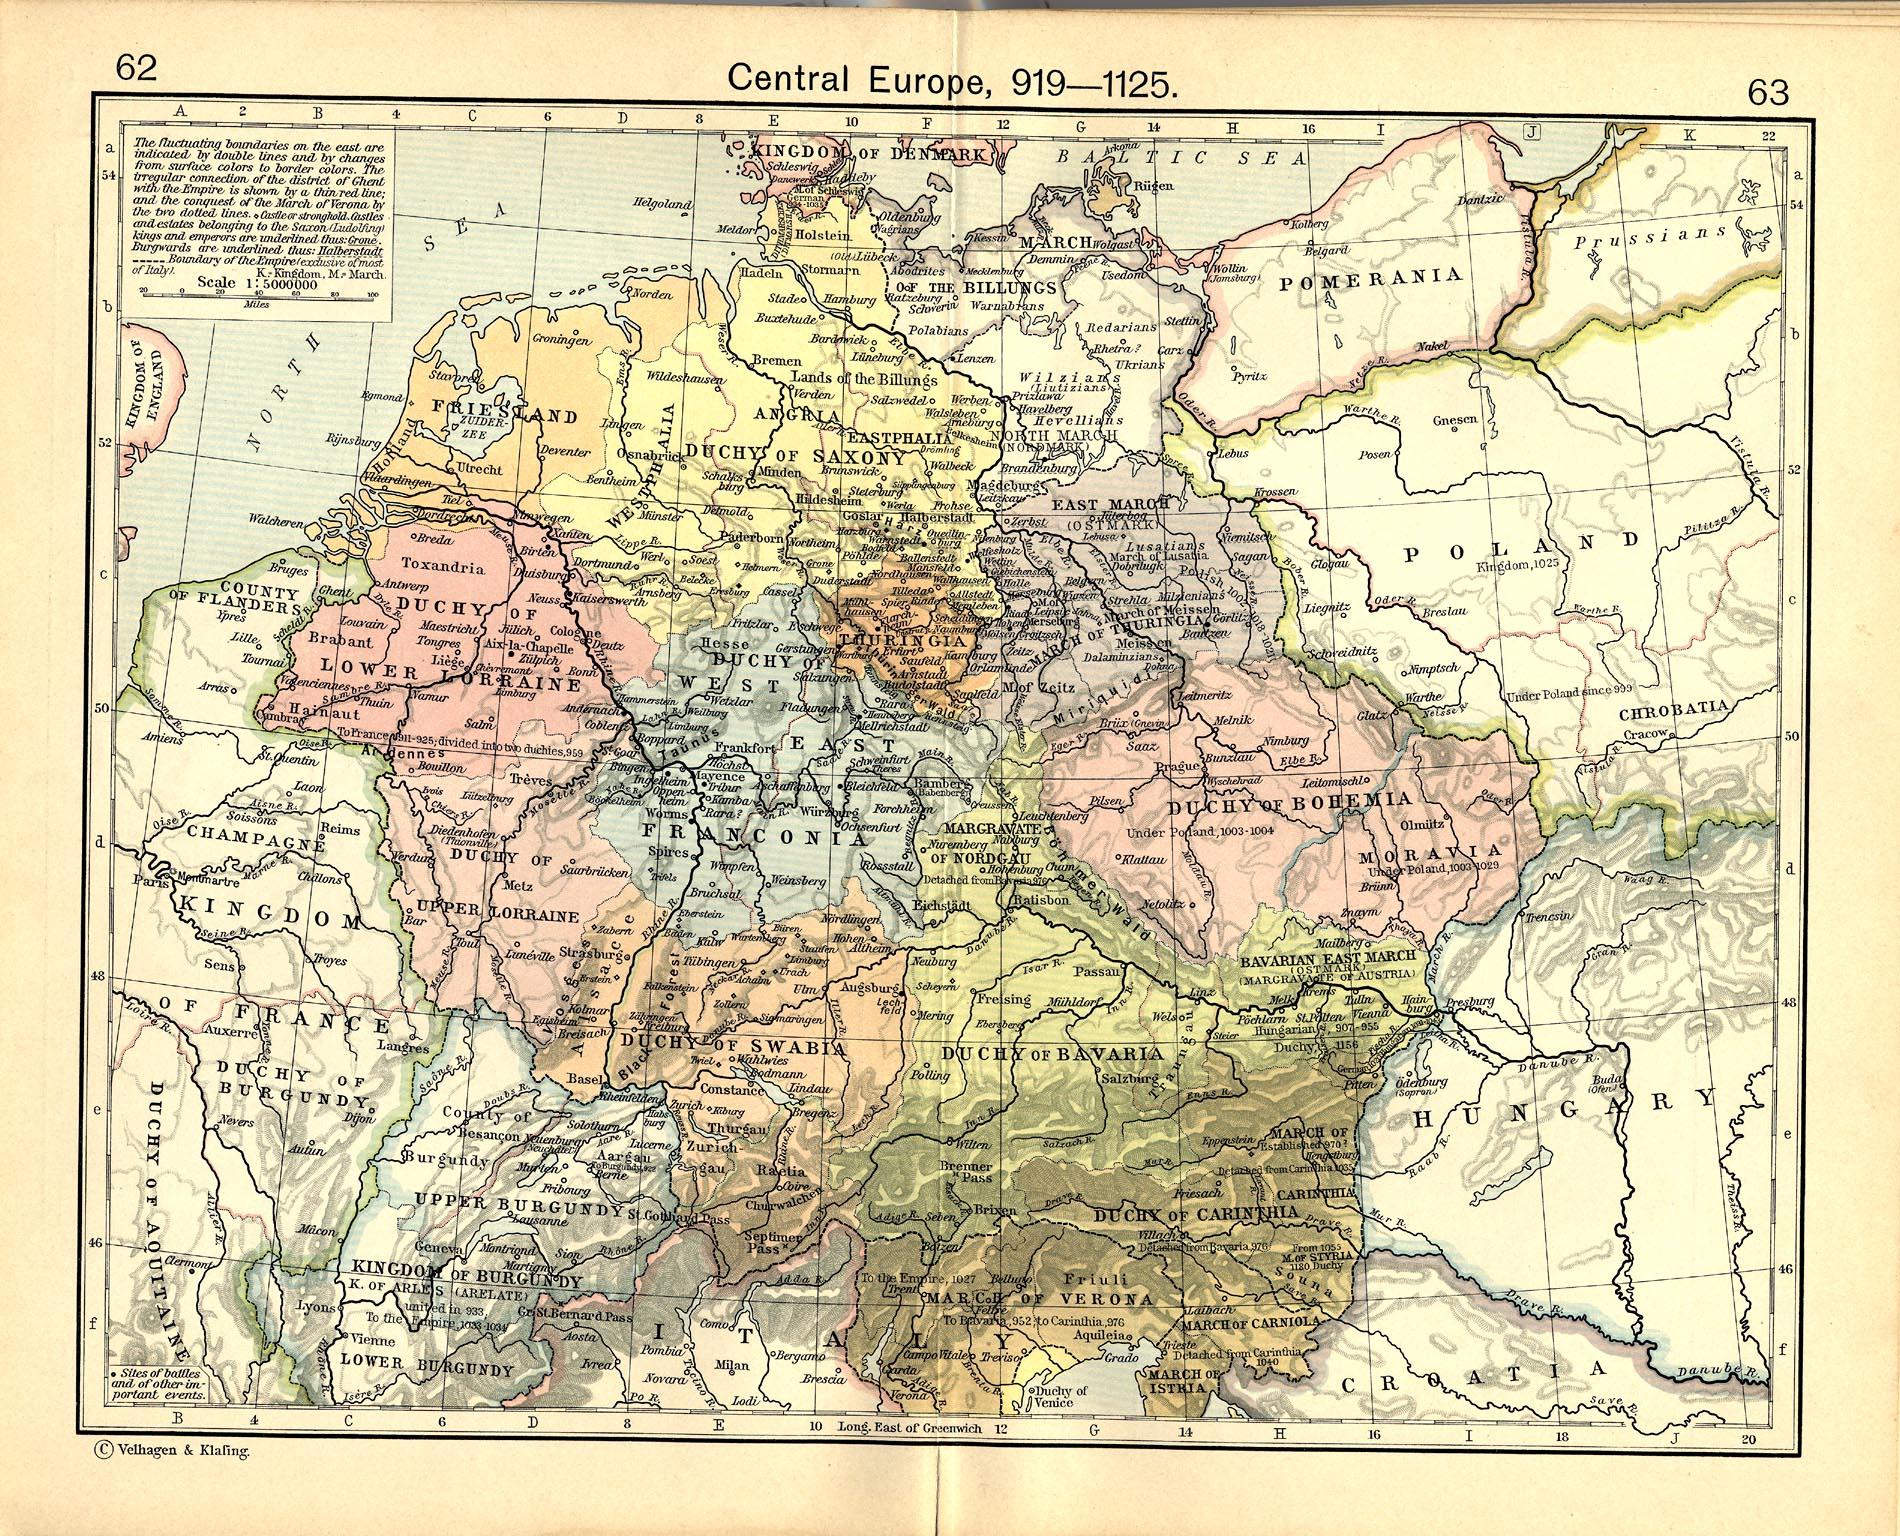 Europa Central 919-1125